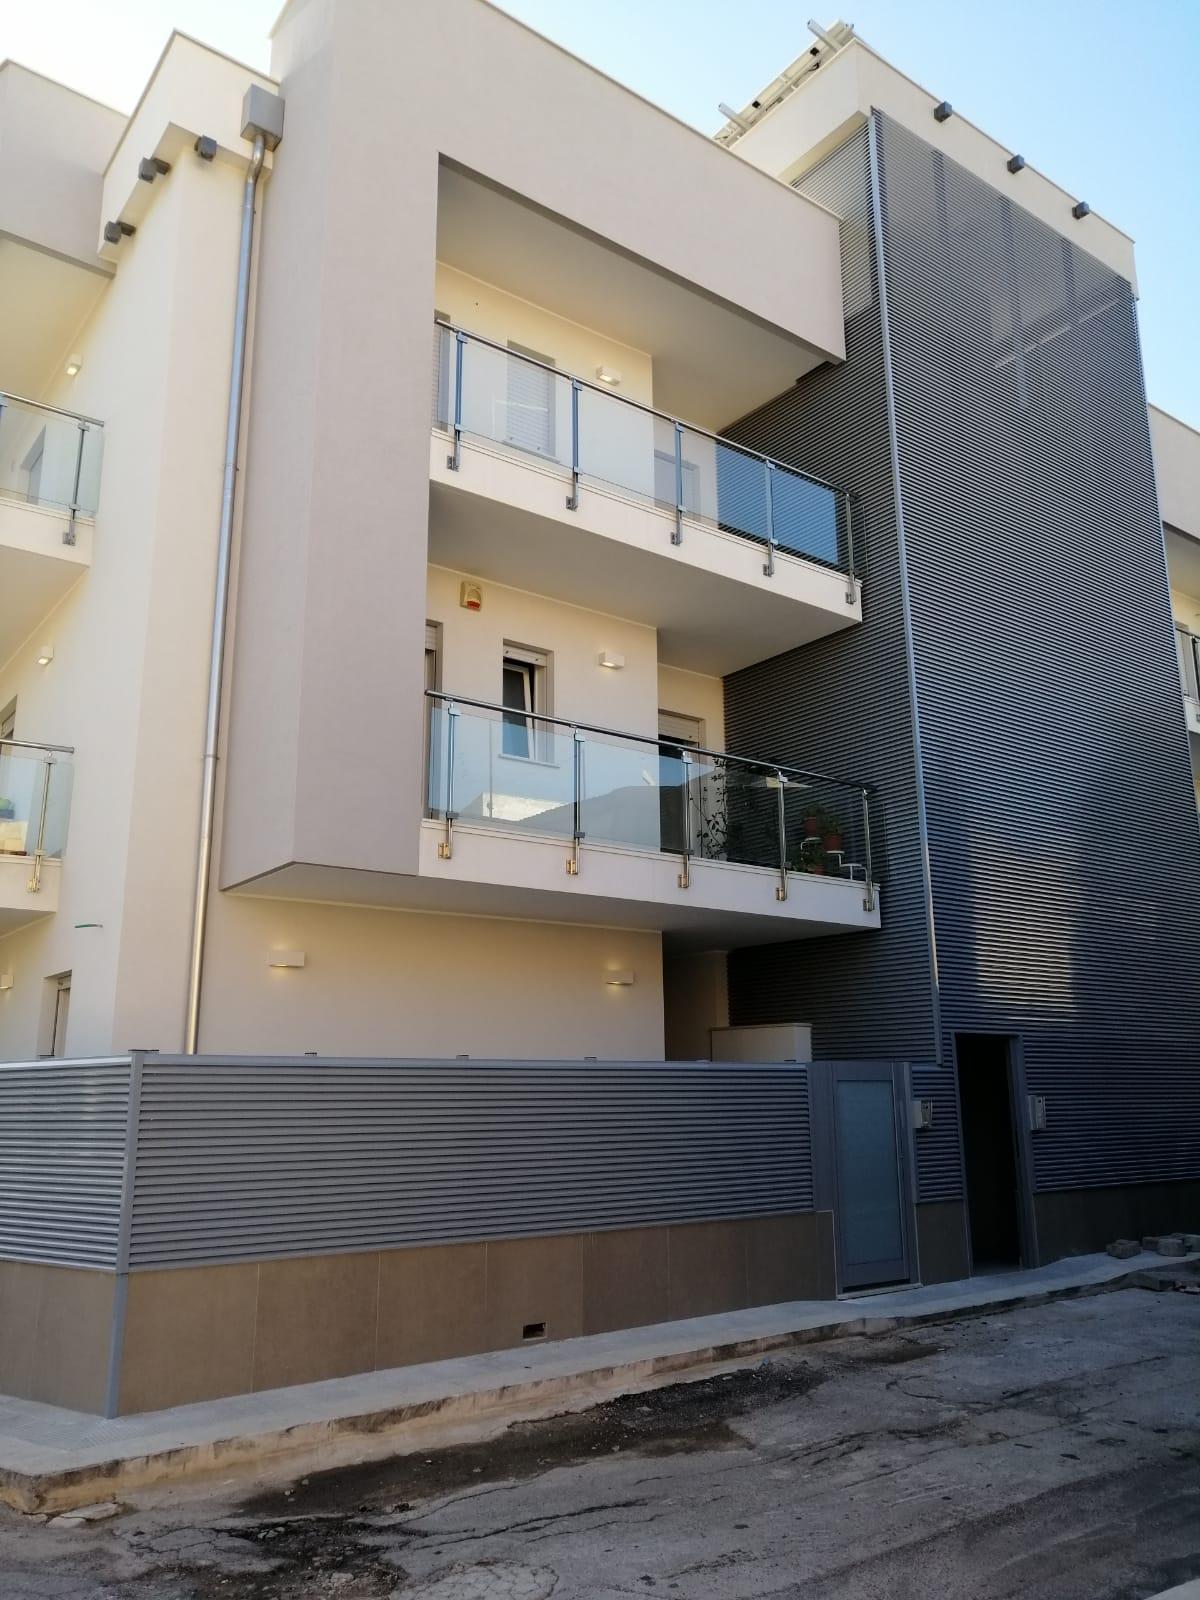 Balconi e ringhiere trasparenti a Bari, Brindisi e in Puglia - 2